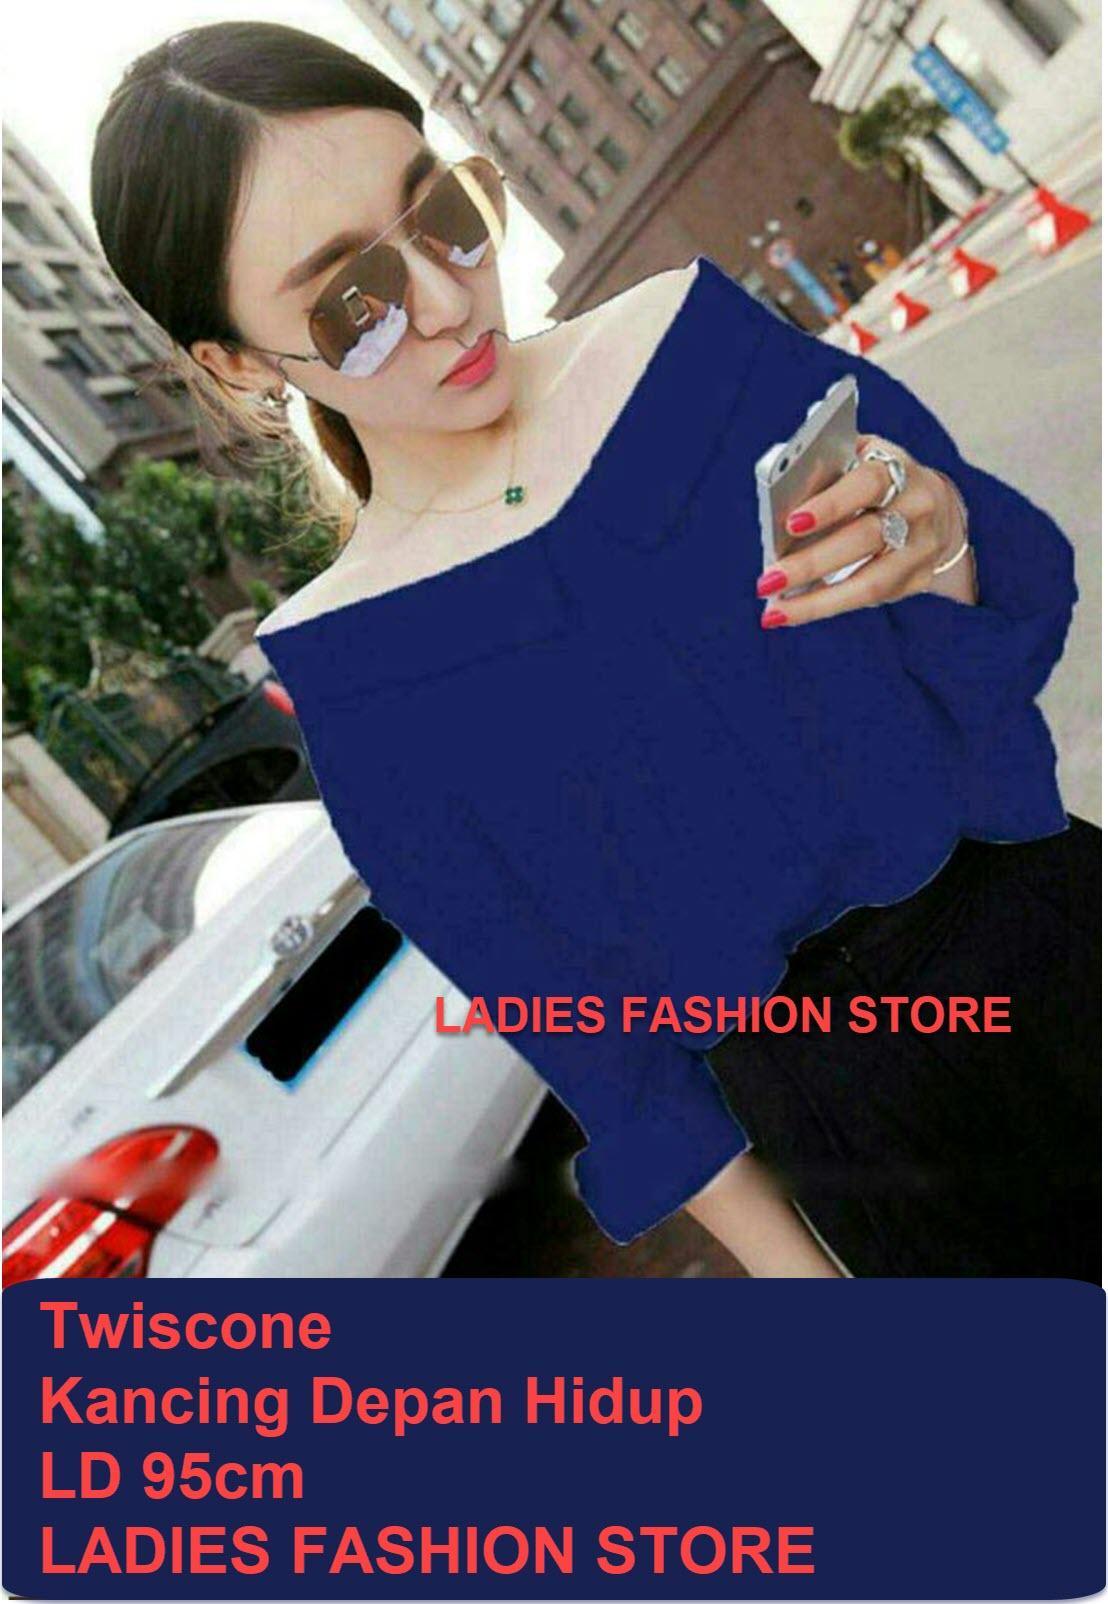 Blouse Wanita Polos Murah / Blouse Wanita Korea Style Polos / Off The Shoulders / Pakaian Casual Formal / Kemeja Wanita Bahan Adem / Top Cewek / Baju Wanita ...